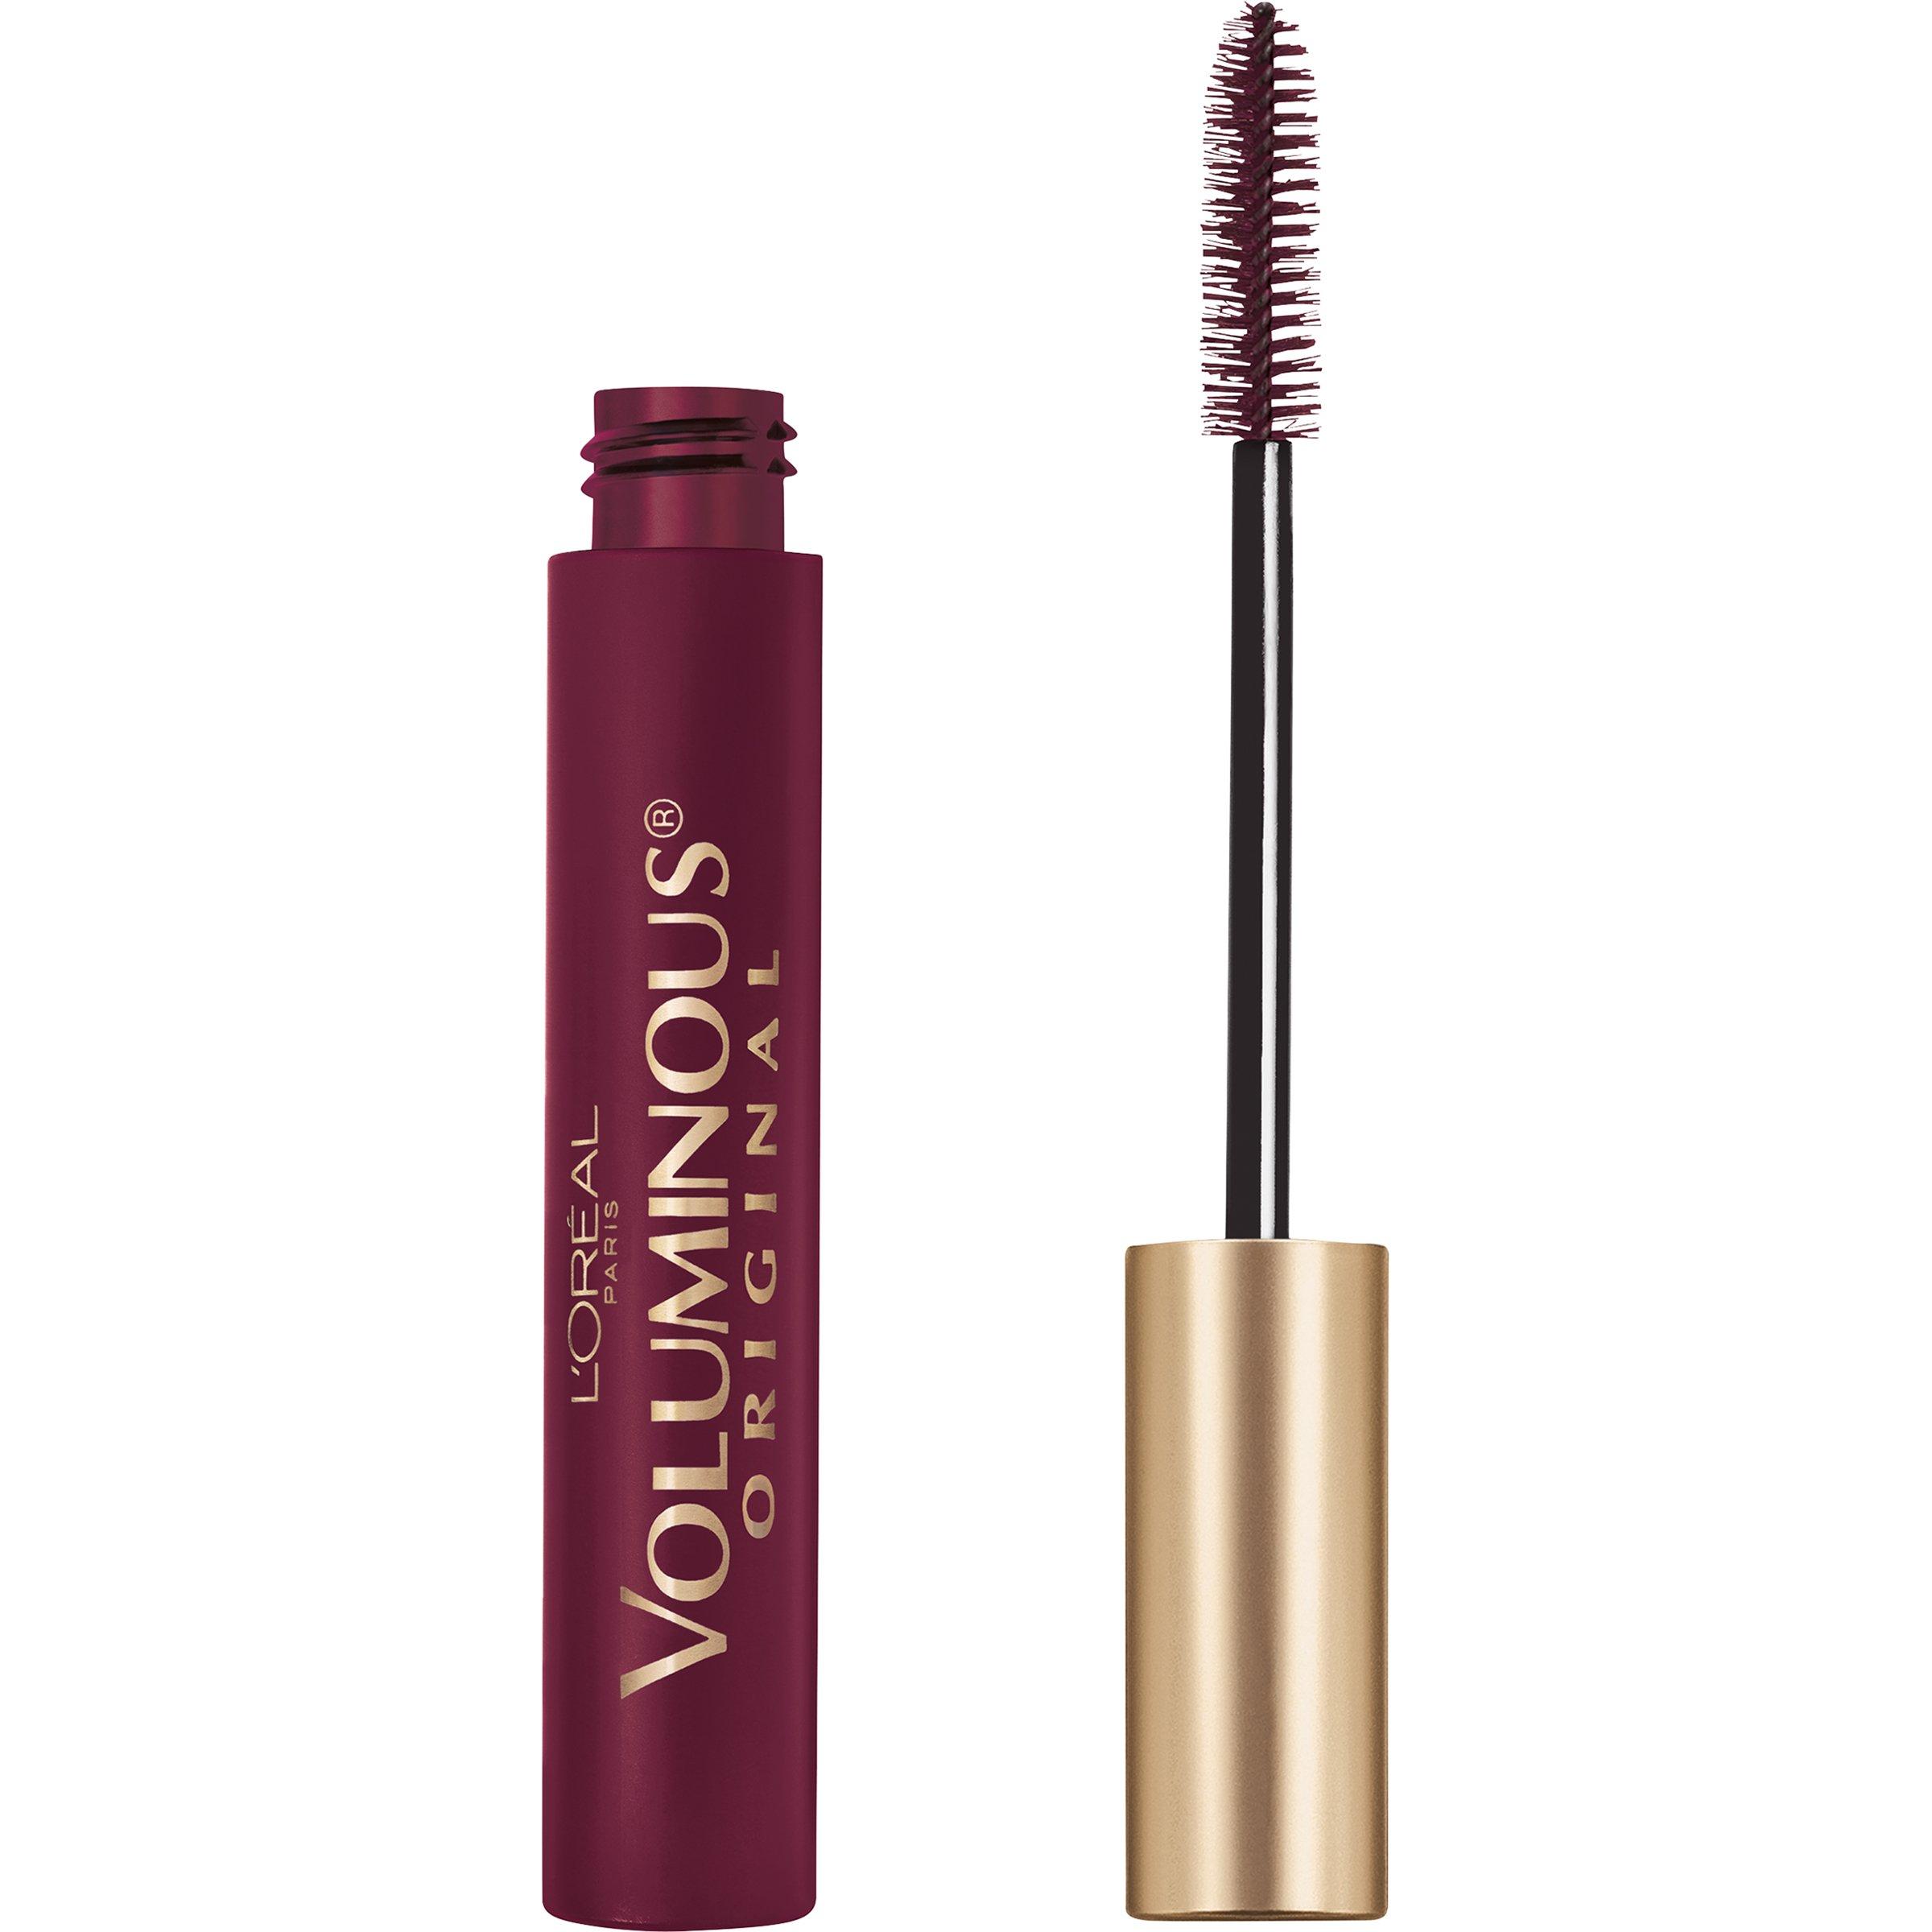 L'Oreal Paris Makeup Voluminous Original Volume Building Mascara, Deep Burgundy, 0.28 fl. oz.